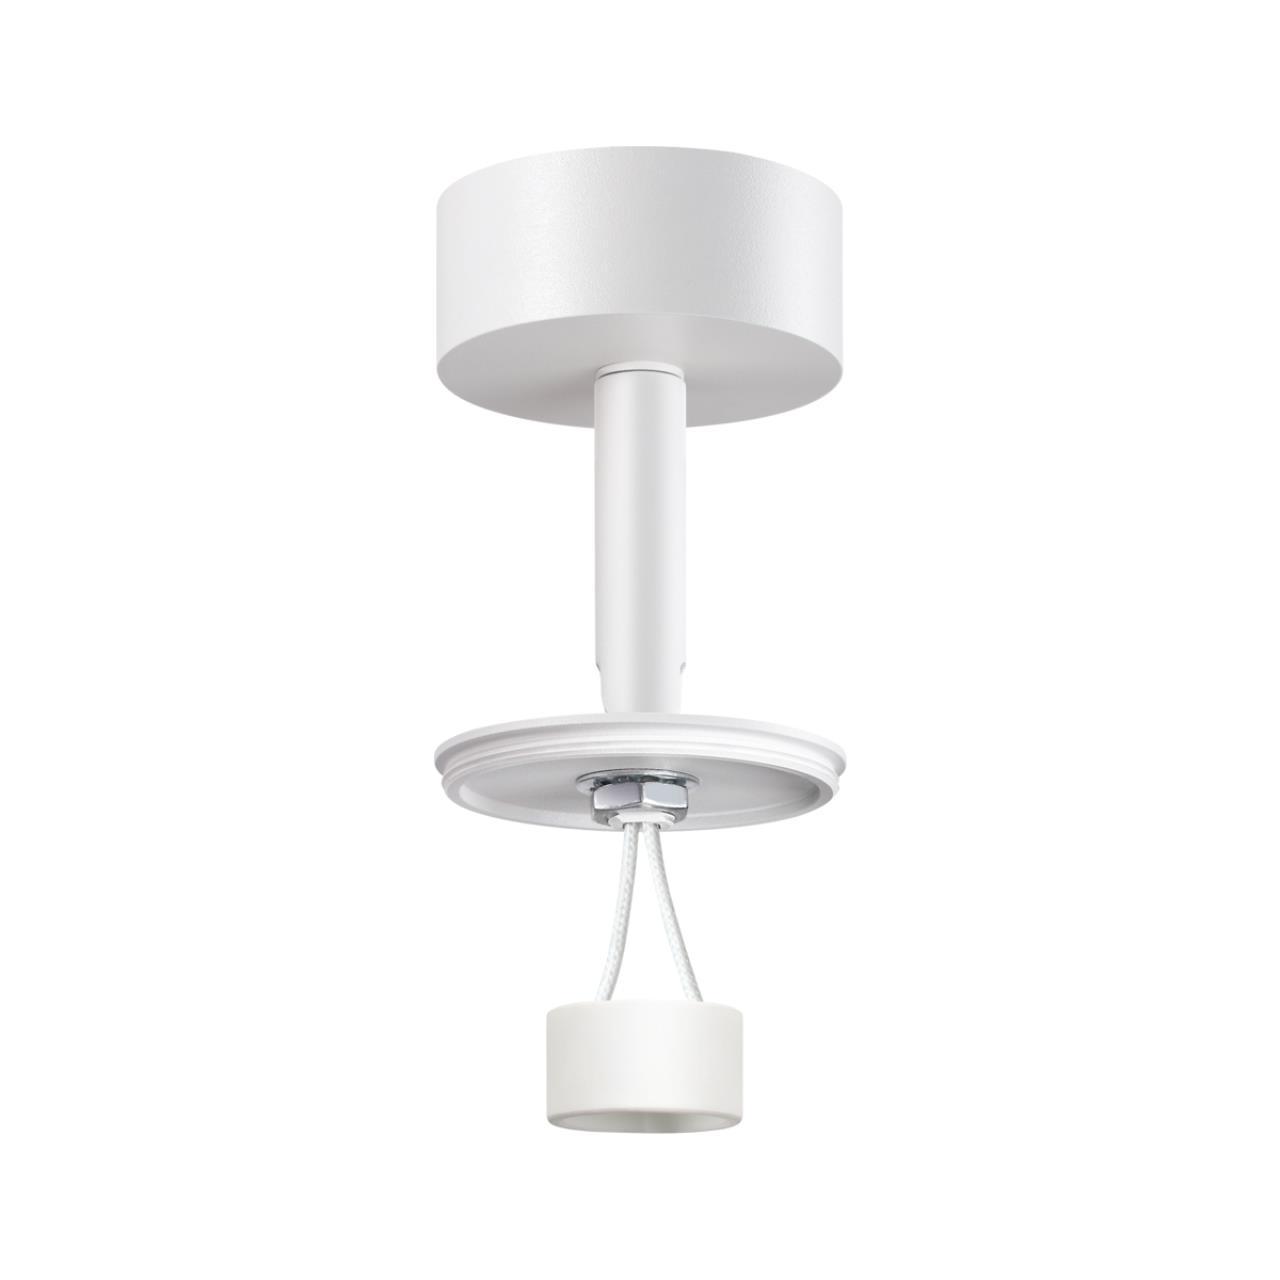 370687 KONST NT19 000 белый Светильник накладной без плафона (плафоны арт. 370694-370711) IP20 GU10